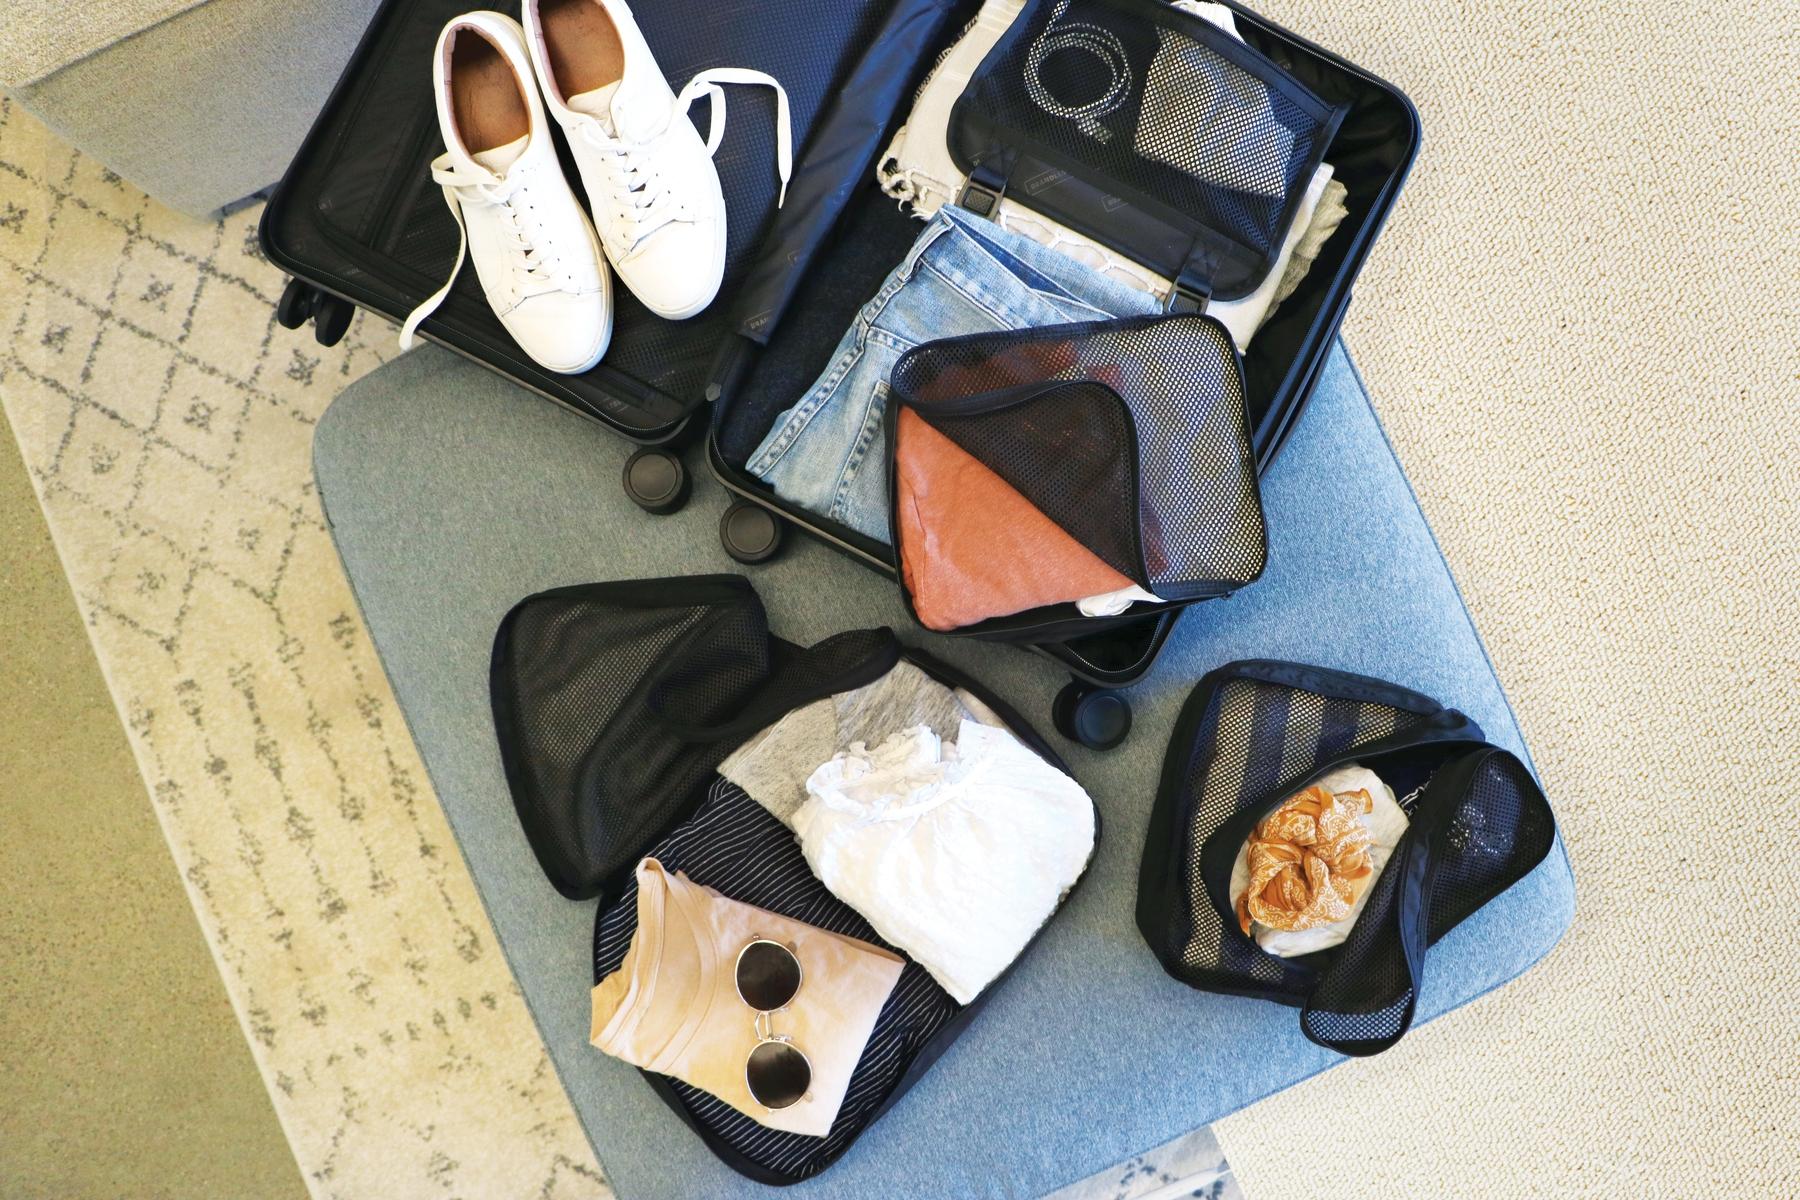 Baut auf praktische Reisegrößen beim Packen